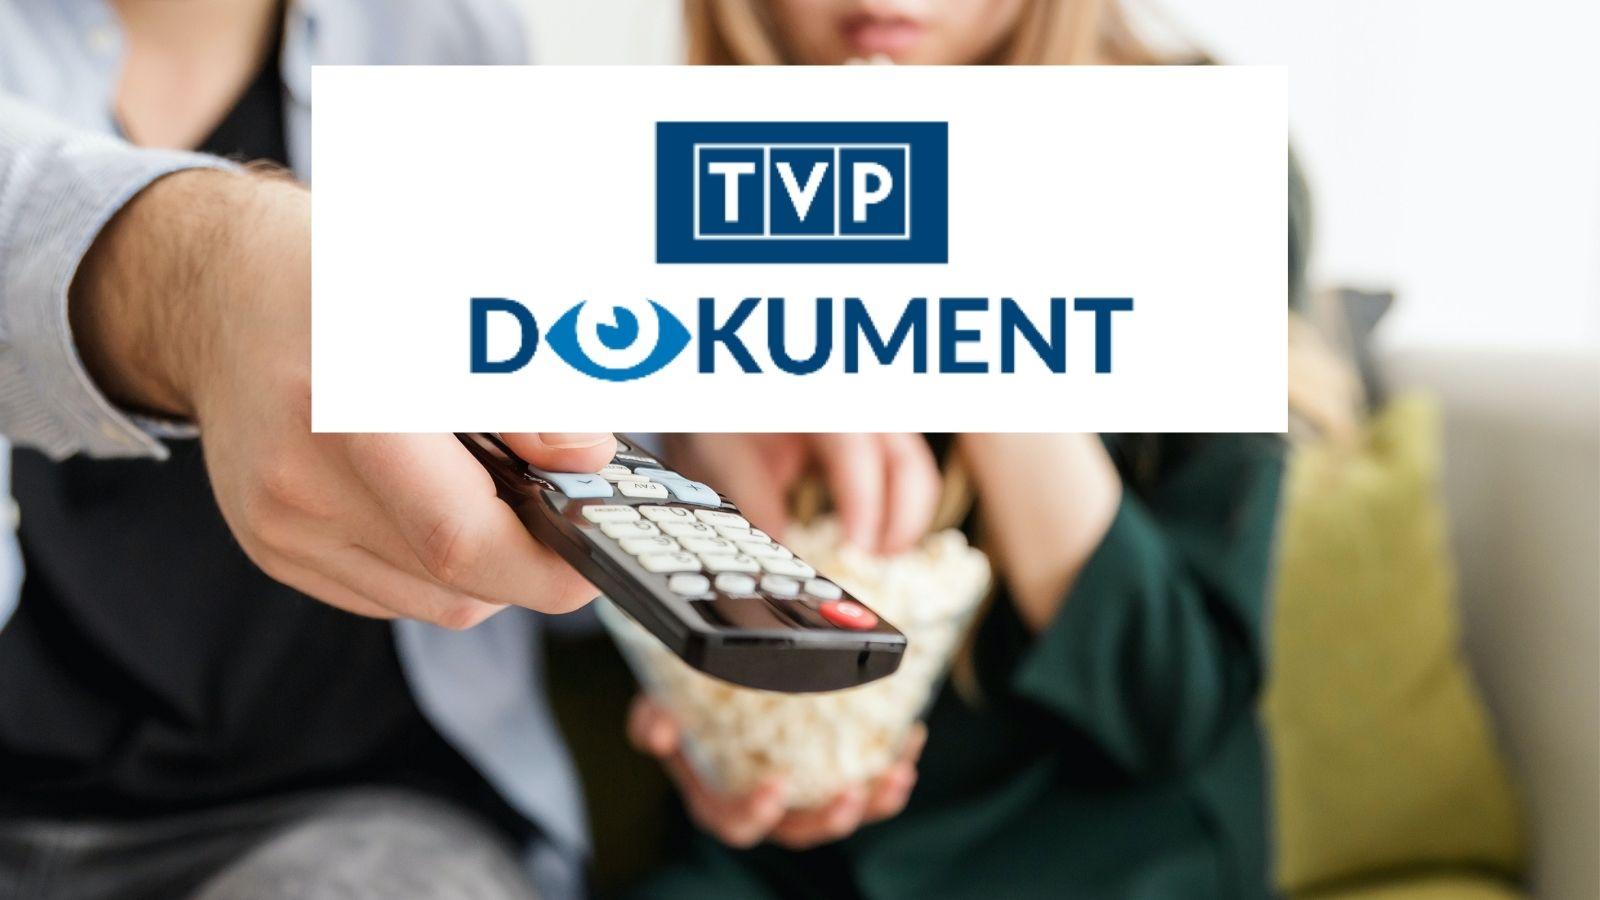 Nowy kanał w Telewizji Polskiej TV mediarun tvp